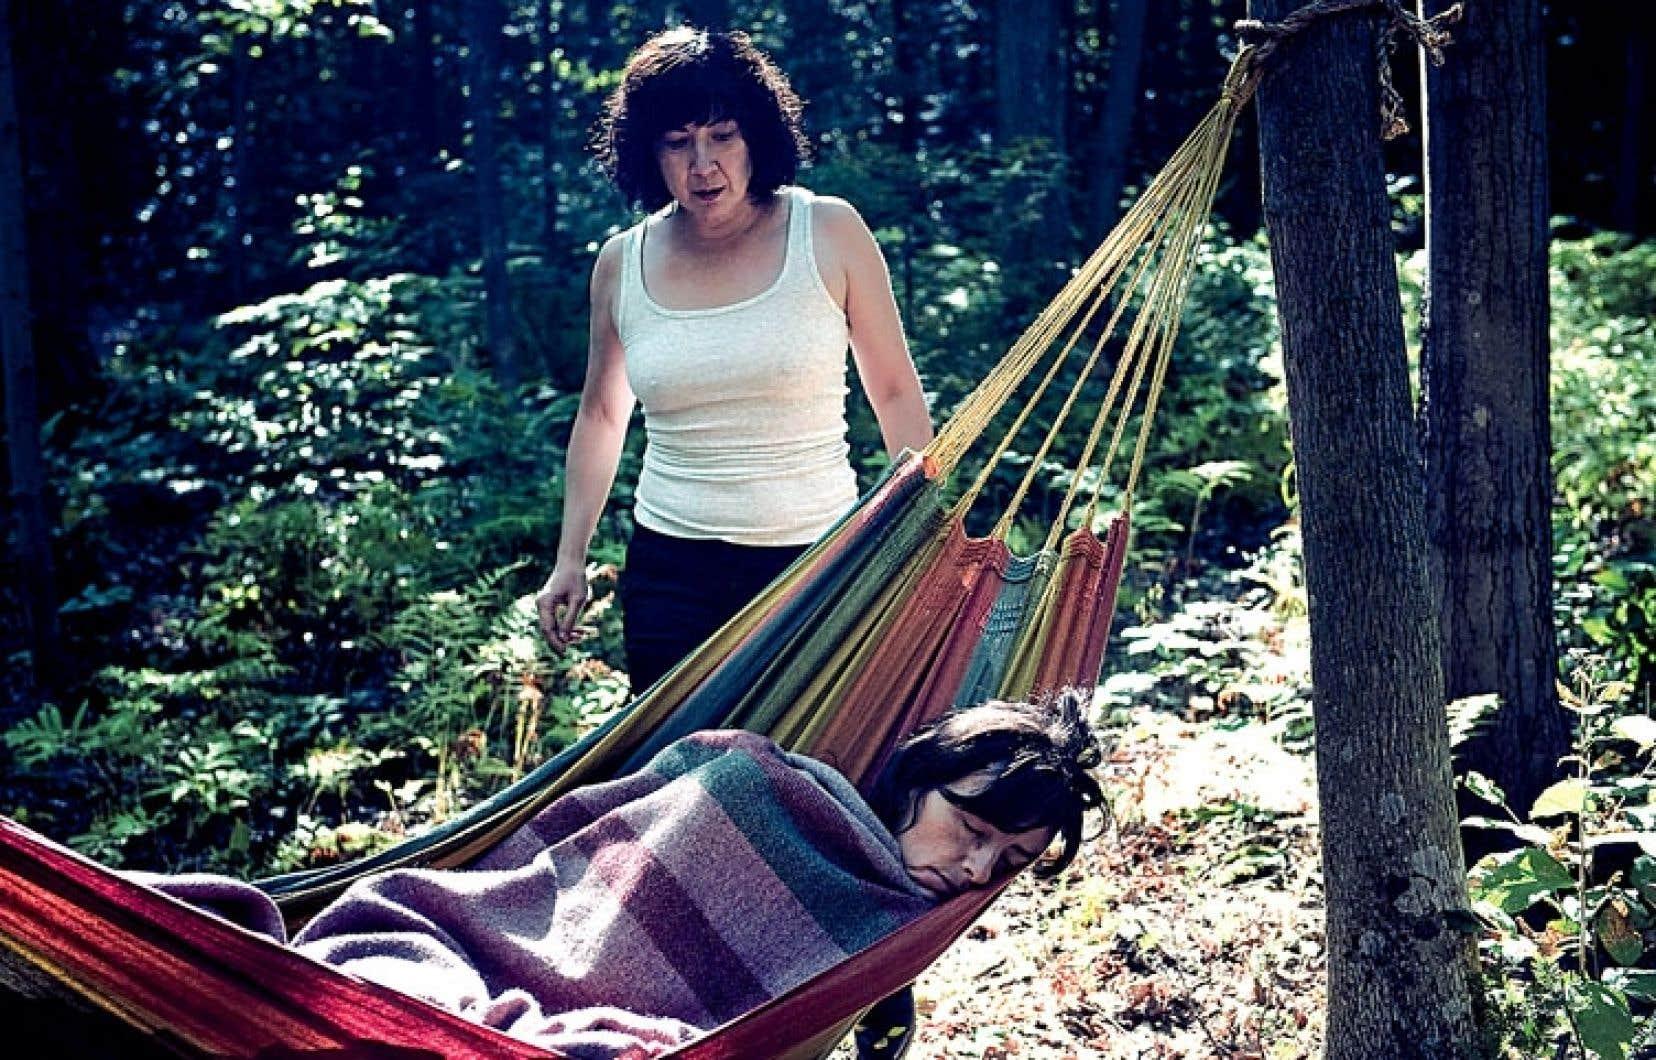 <div> Dans le film de Denis C&ocirc;t&eacute;, deux ex-d&eacute;tenues se retrouvent dans une cabane &agrave; sucre inutilis&eacute;e au fond des bois.</div>